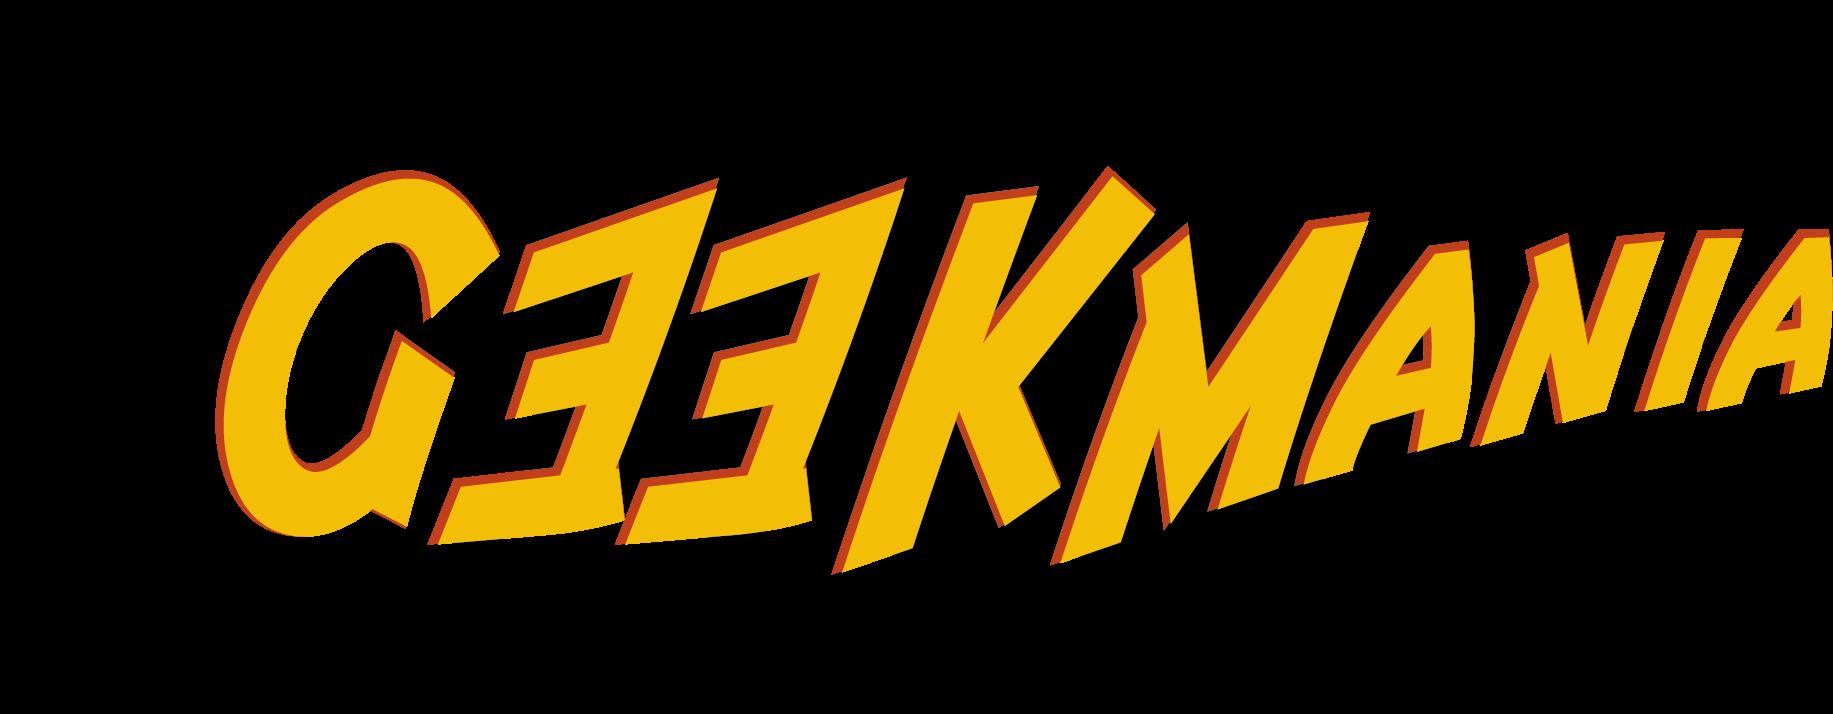 G33KMANIA.com